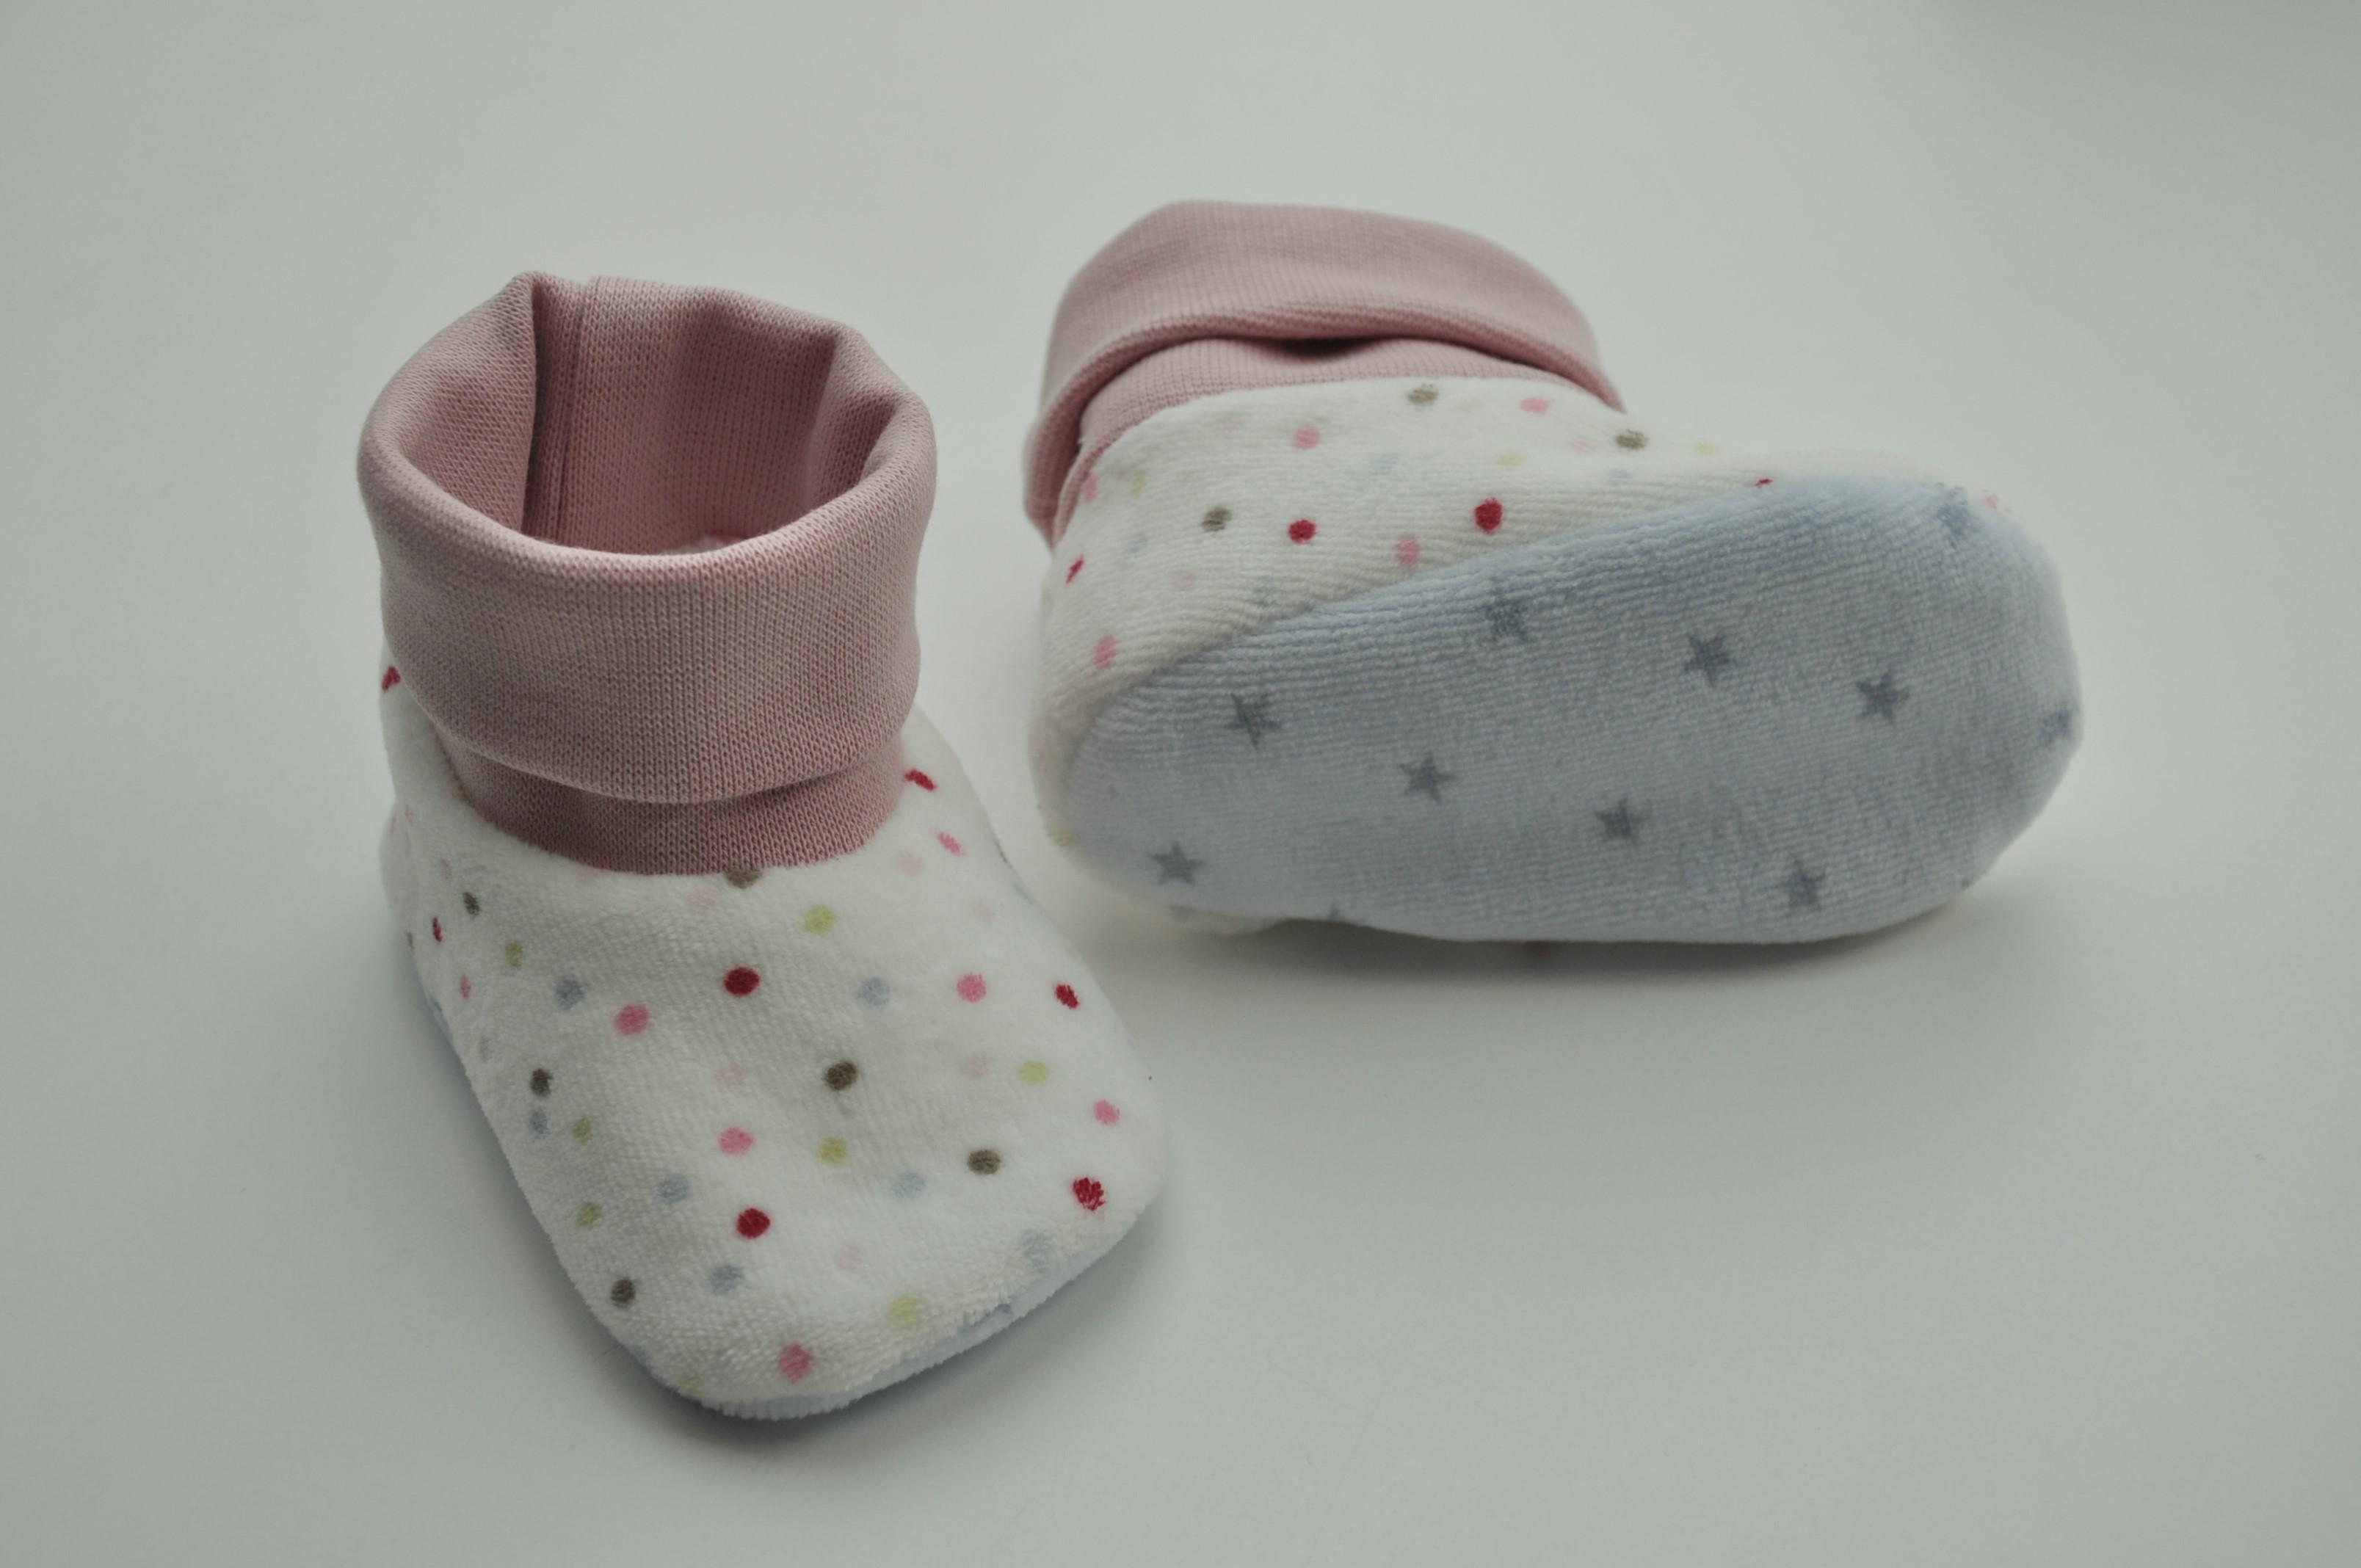 new product 07109 a5a83 Babyschuhe selber nähen | Stoffeland